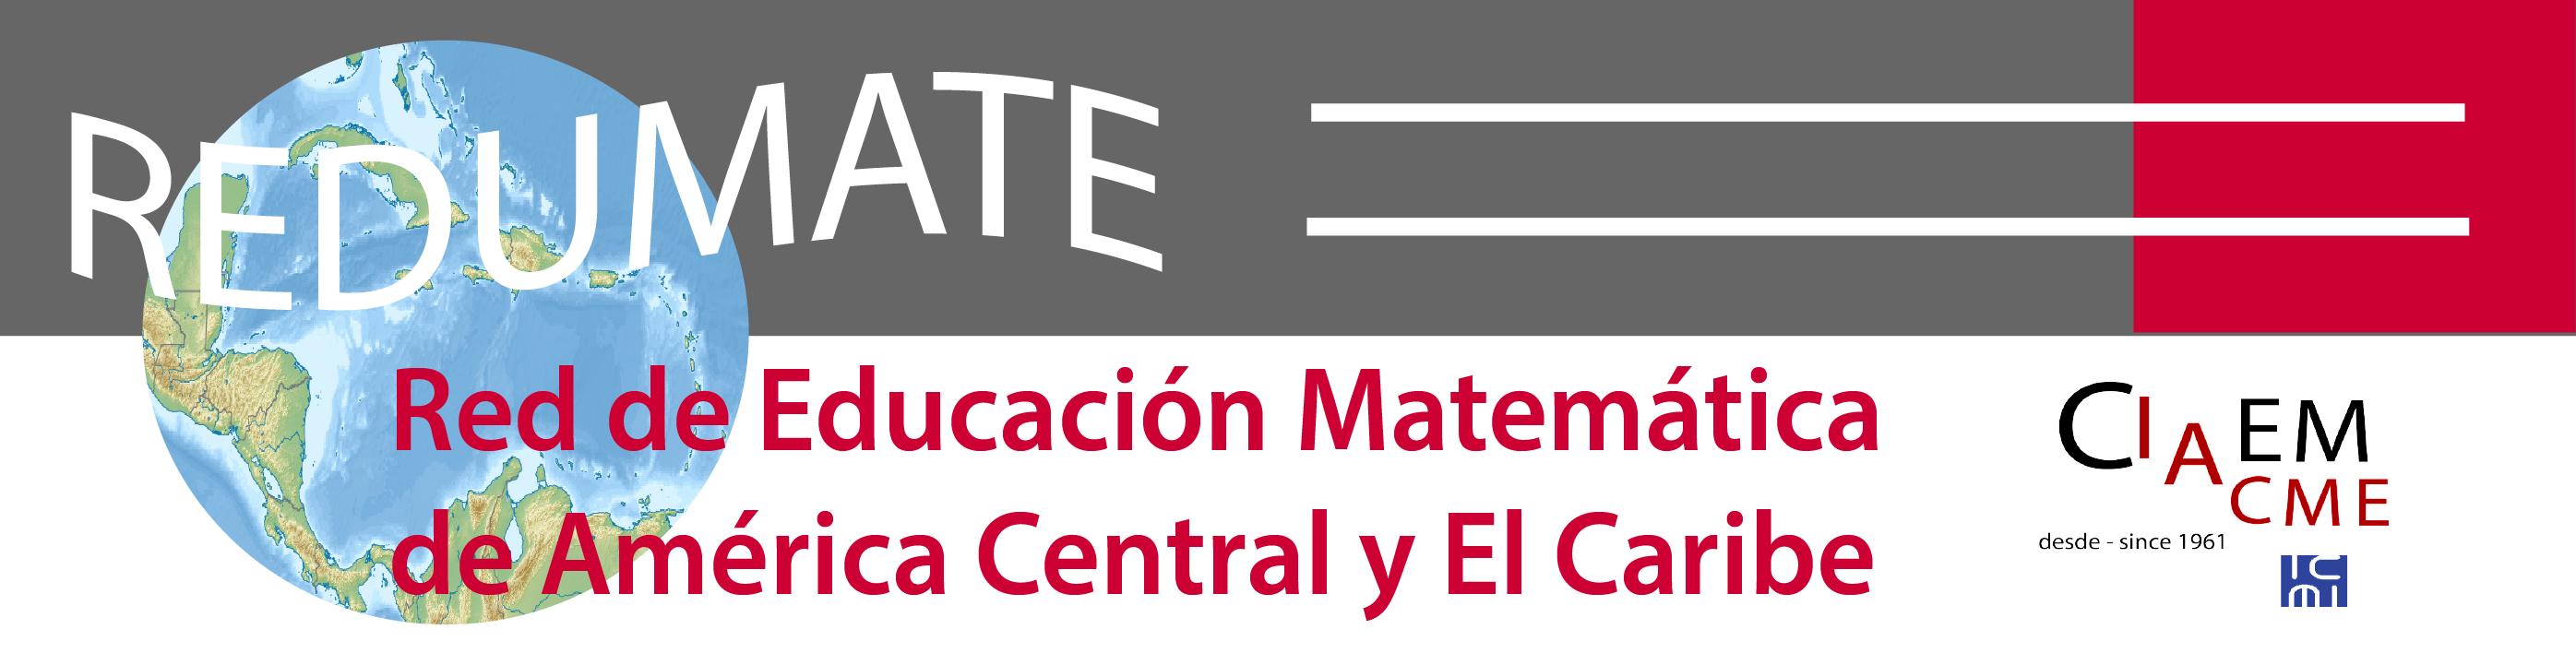 Red de Educación Matemática de América Central y El Caribe